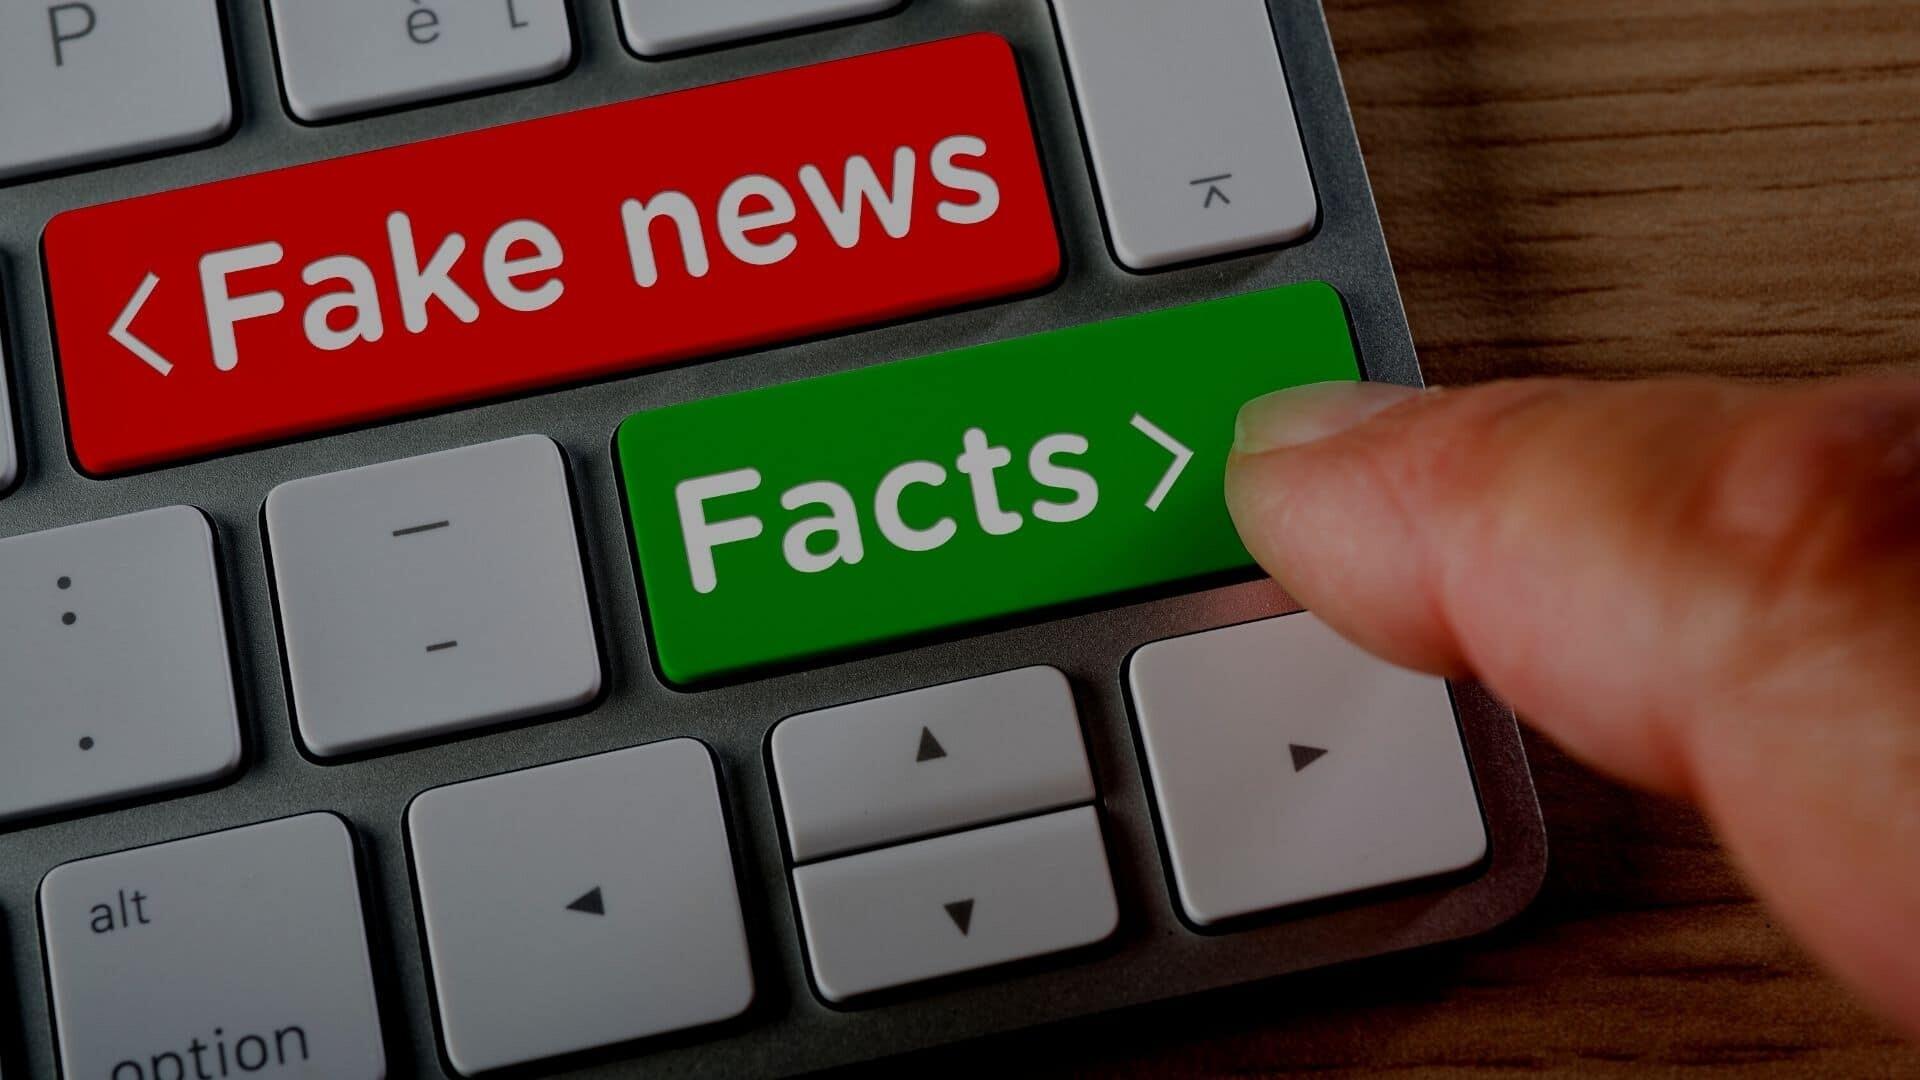 ludzie udostepniaja fake newsy nawet kiedy wiedza ze sa nieprawdziwe